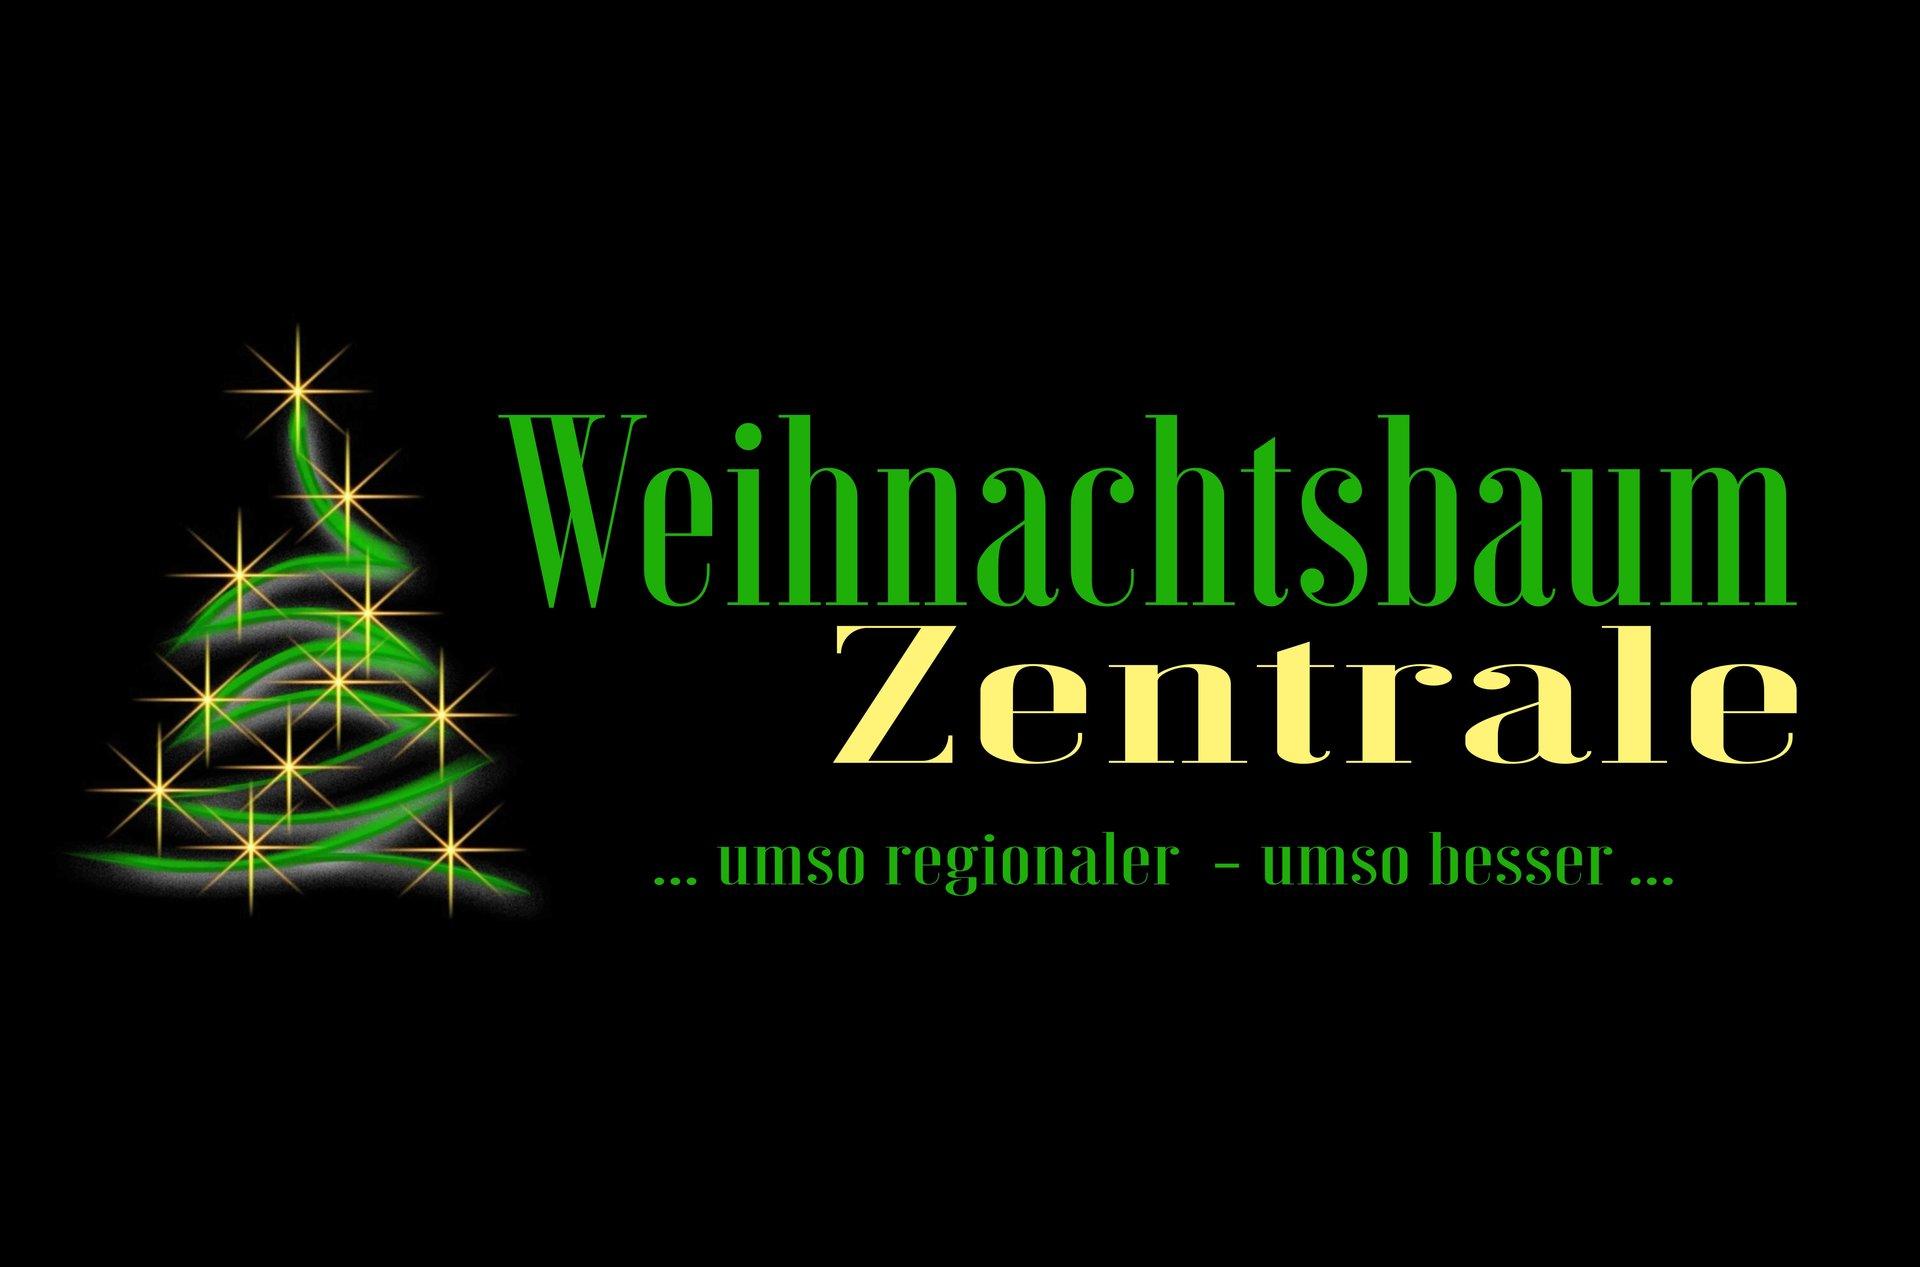 Schön Frei Bedruckbarer Weihnachtsbaum Fotos - Malvorlagen Von ...